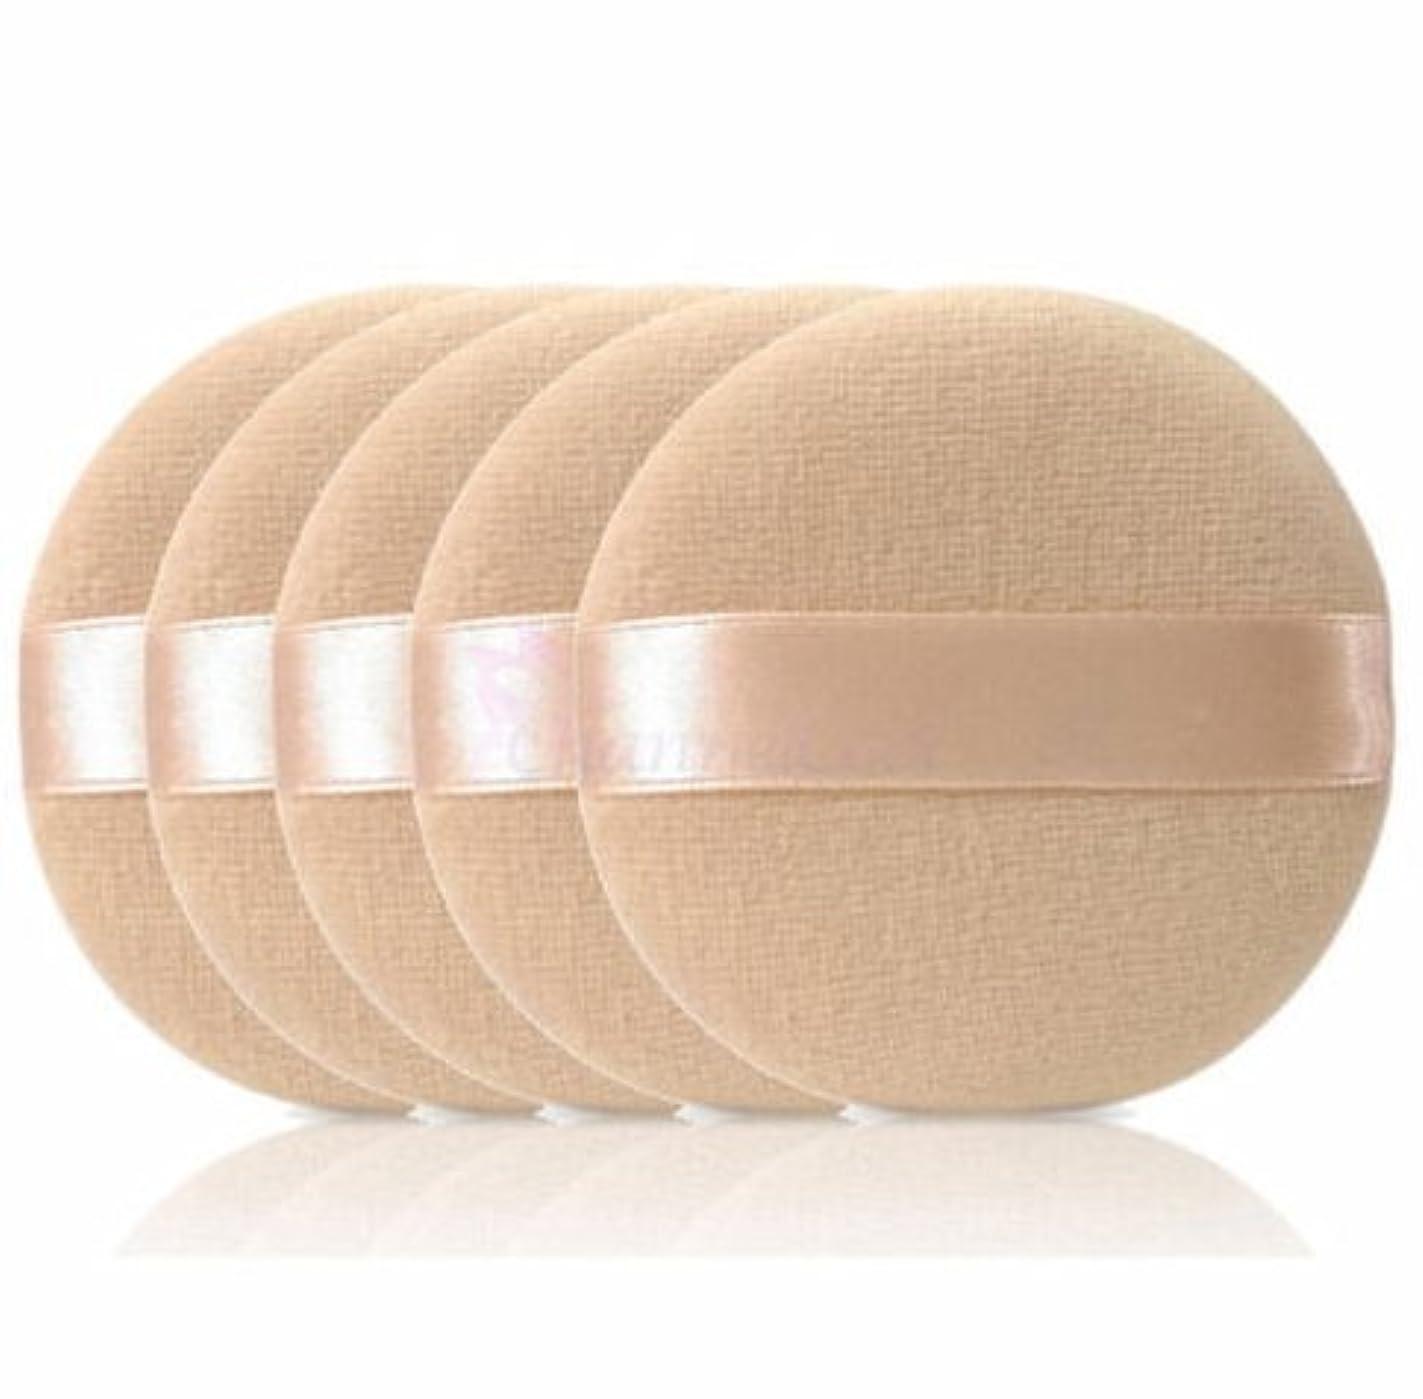 ブラザー壊れたる5PCS Soft Facial Beauty Sponge Powder Puff Pads Face Foundation Cosmetic Tool 5PCSソフトフェイシャル美容スポンジパウダーパフパッドフェイスファンデーション...